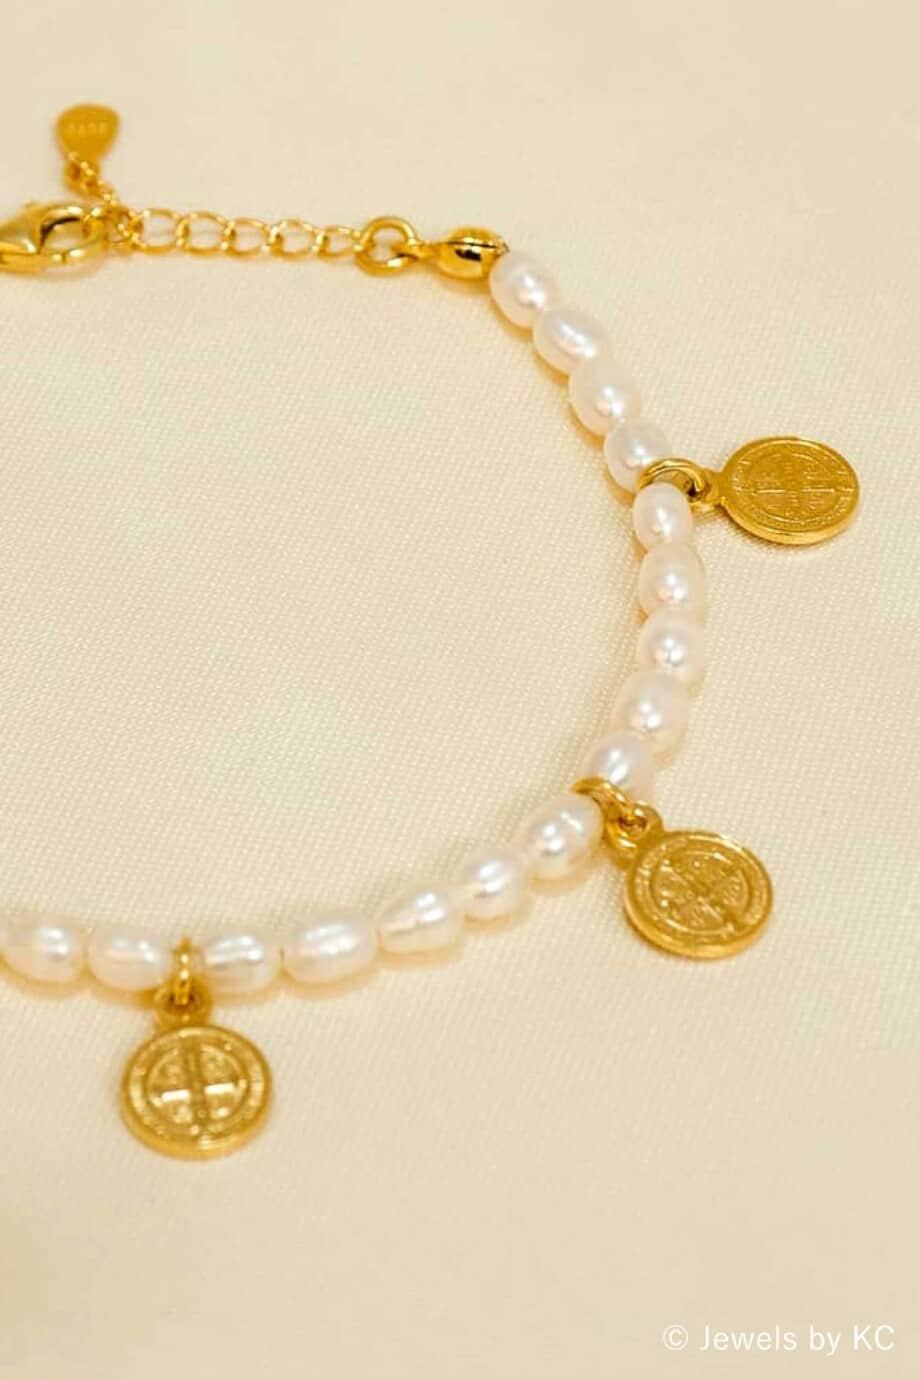 Gouden Zoetwater parel armband met Gouden muntjes van Goud op Zilver